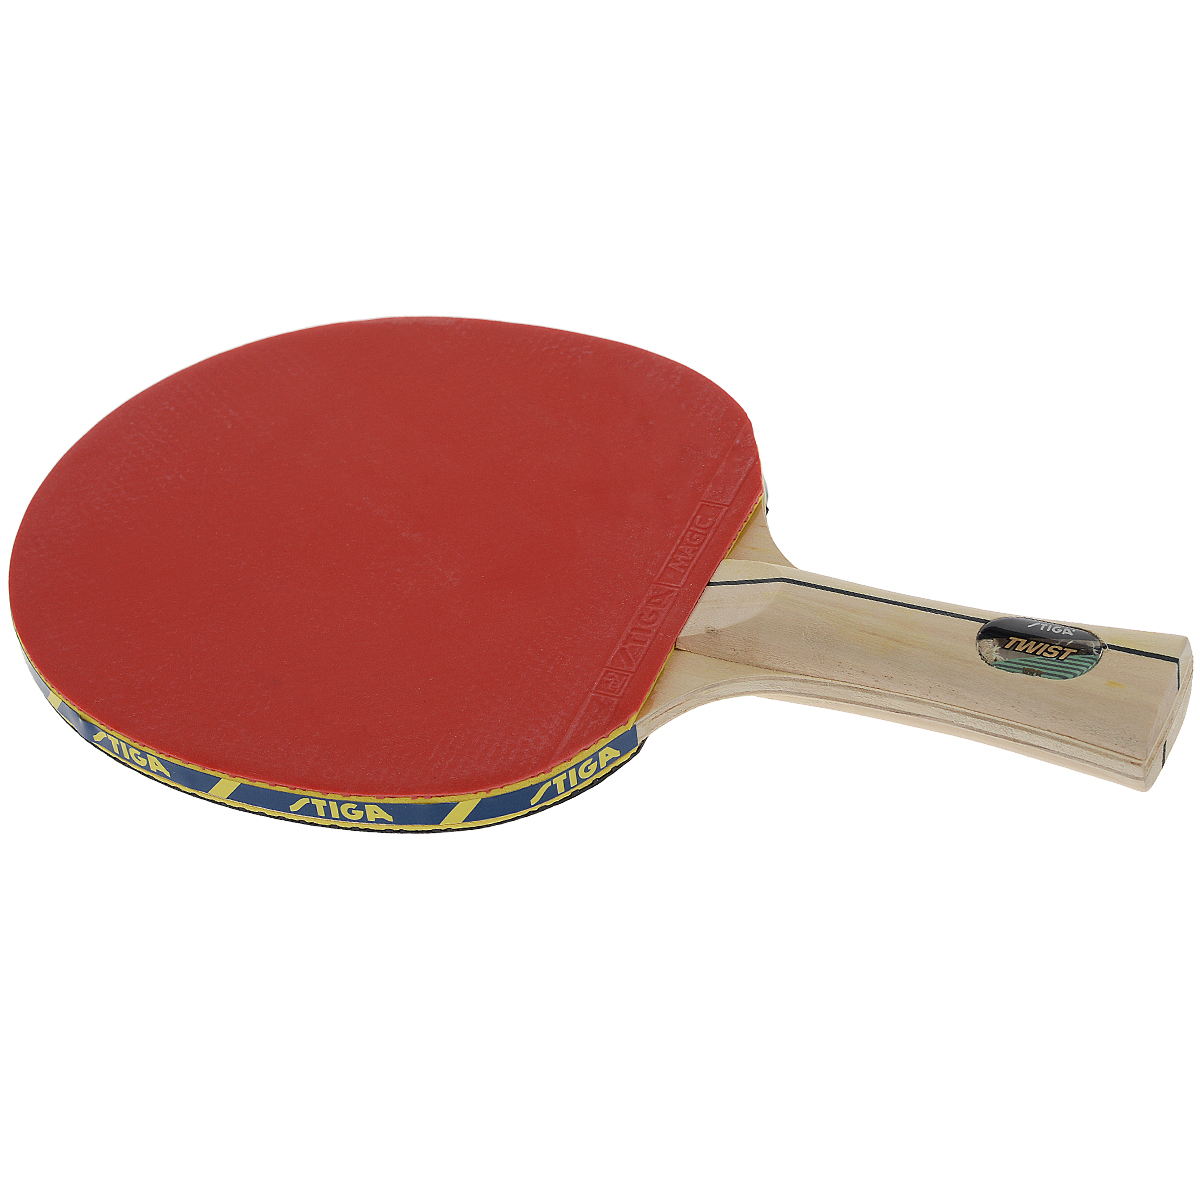 Ракетка для настольного тенниса Stiga Twist WRBWRA523700Ракетка для настольного тенниса Stiga Twist WRB дает превосходное чувство мяча в сочетании с силой удара. Система WRB улучшает отскок, придает дополнительную силу удару и позволяет лучше чувствовать мяч.Основные характеристики:Контроль: 100.Скорость: 29.Кручение: 35.Характеристики указаны в расчете на диапазон от 0 до 100. Характеристики: Размер ракетки: 26 см х 15 см. Длина ручки: 10 см. Материал: дерево, резина. Размер упаковки: 26 см х 15 см х 2 см. Производитель: Китай. Артикул: 26617.